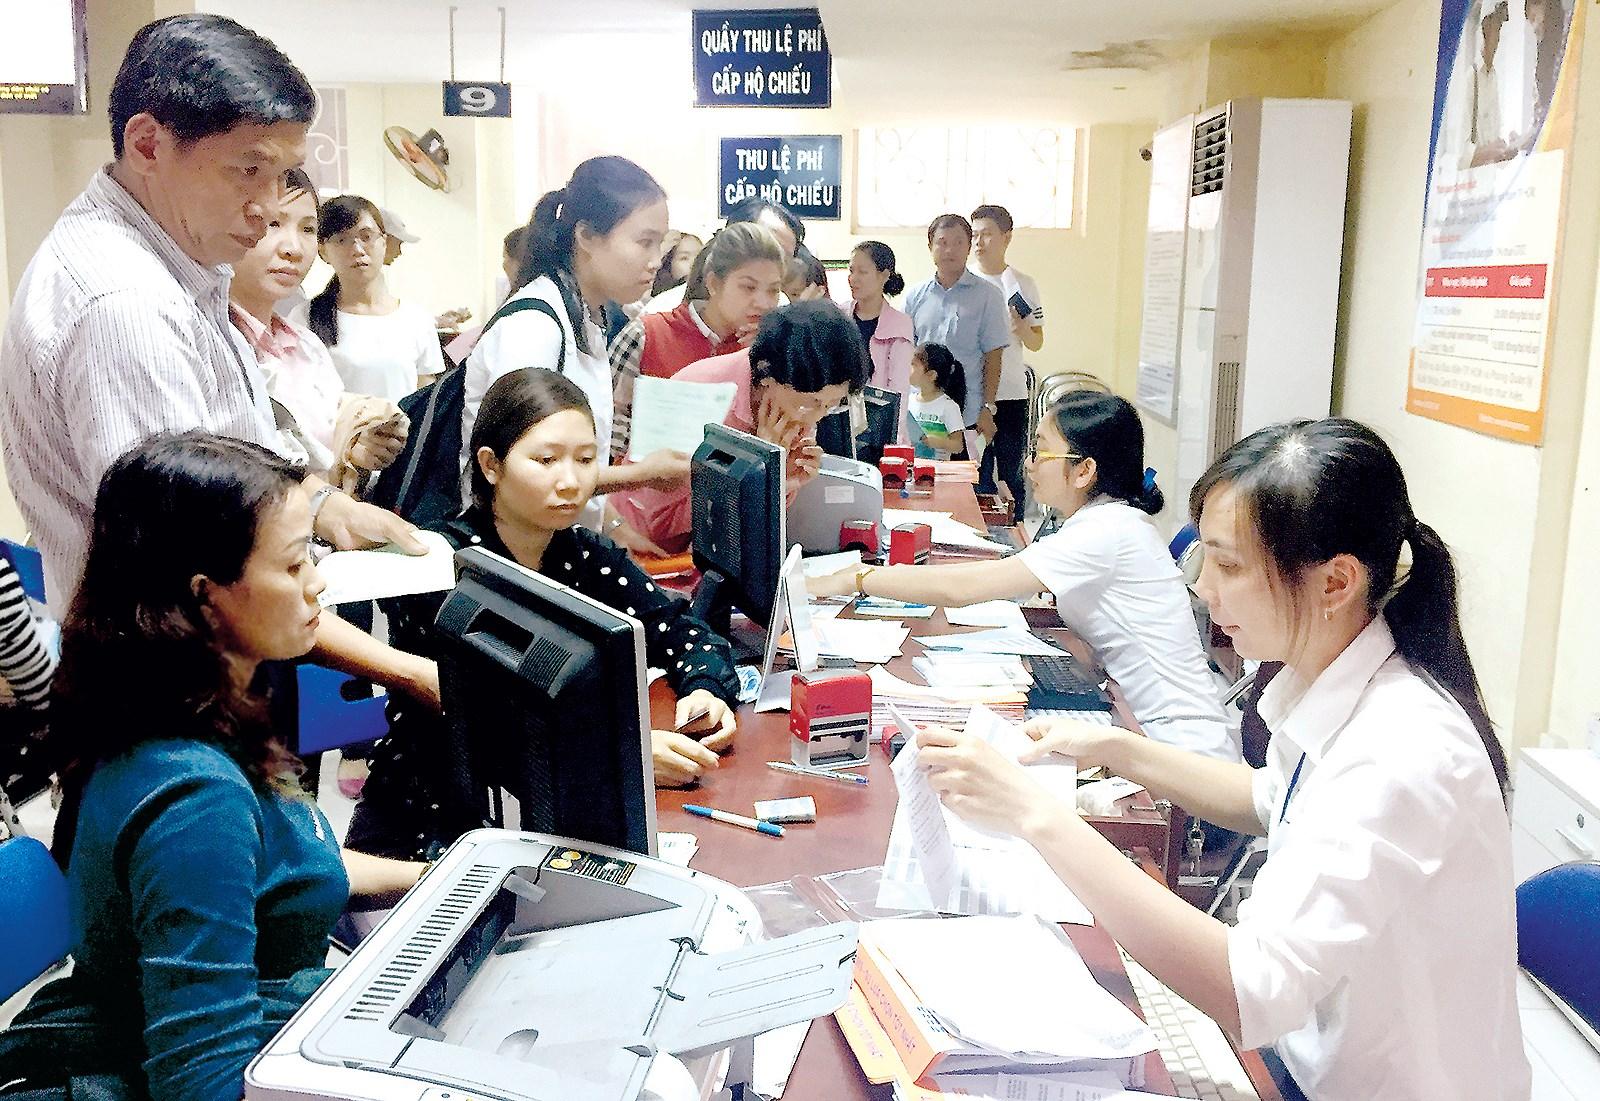 Xem xét, giải quyết đề xuất của Ngân hàng TMCP Ngoại thương Việt Nam – Chi nhánh Đắk Lắk về cung cấp dịch vụ thu hộ phí, lệ phí trong giải quyết thủ tục hành chính